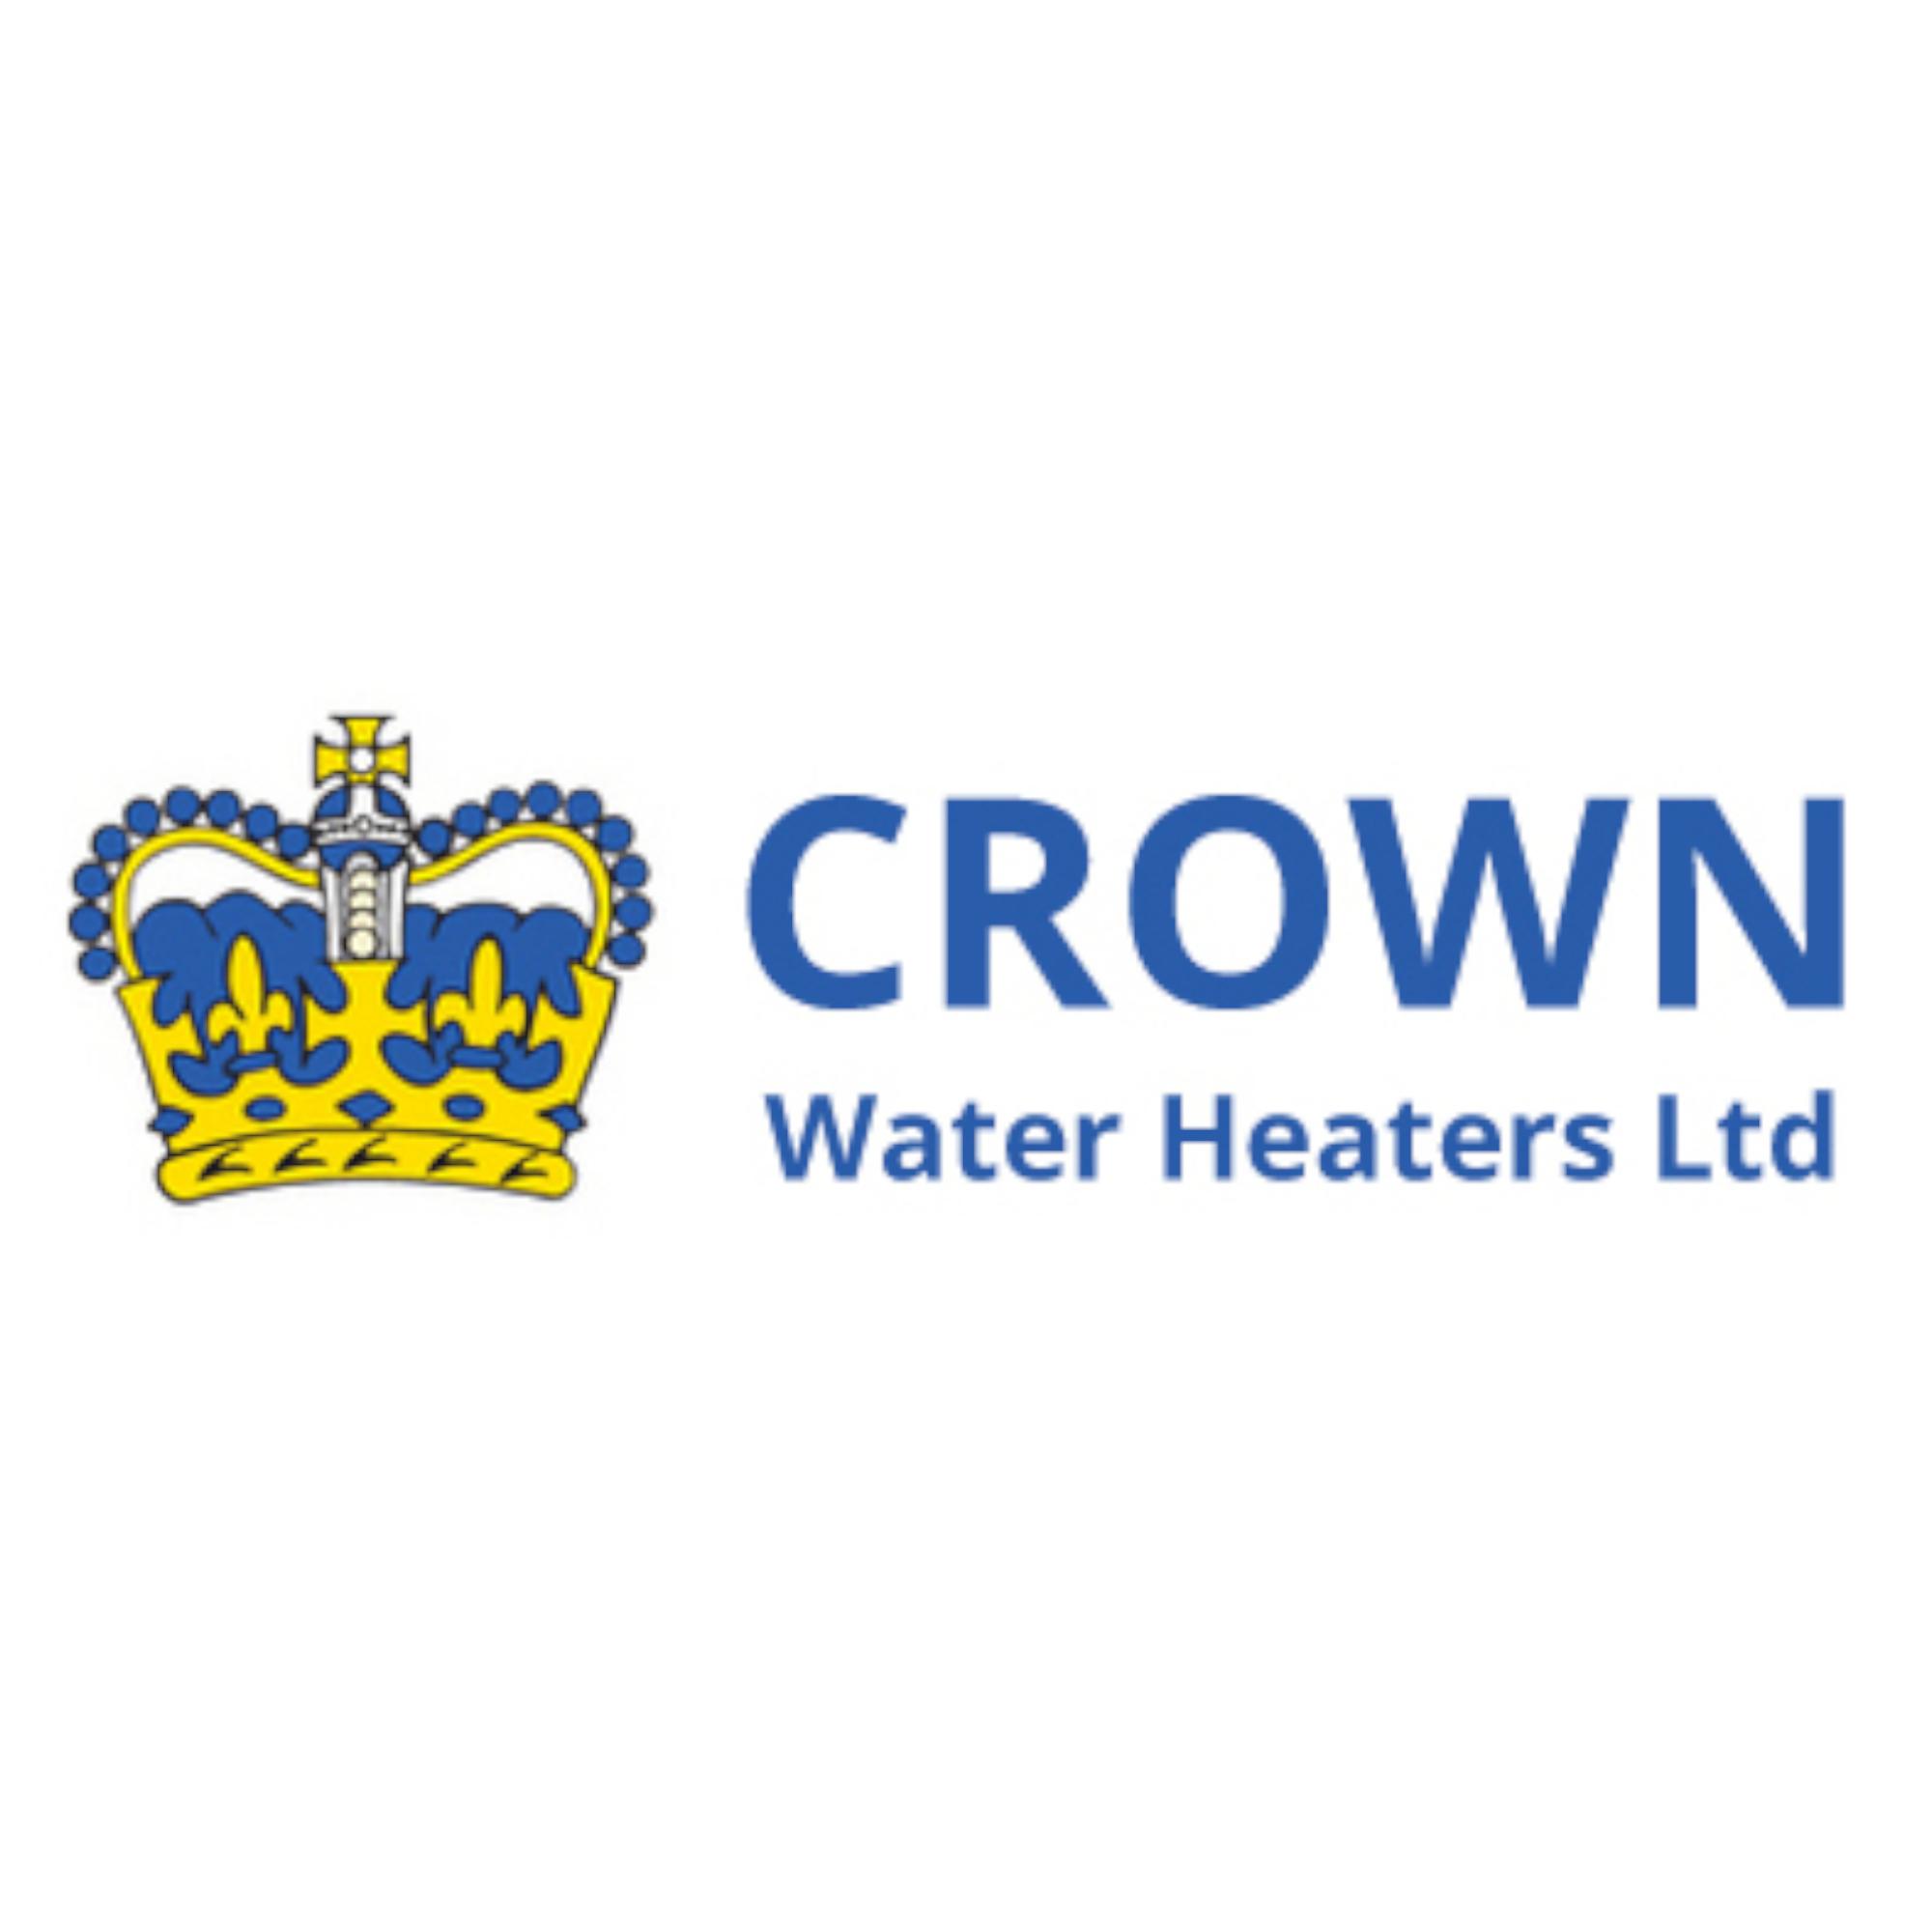 Crown Water Heaters